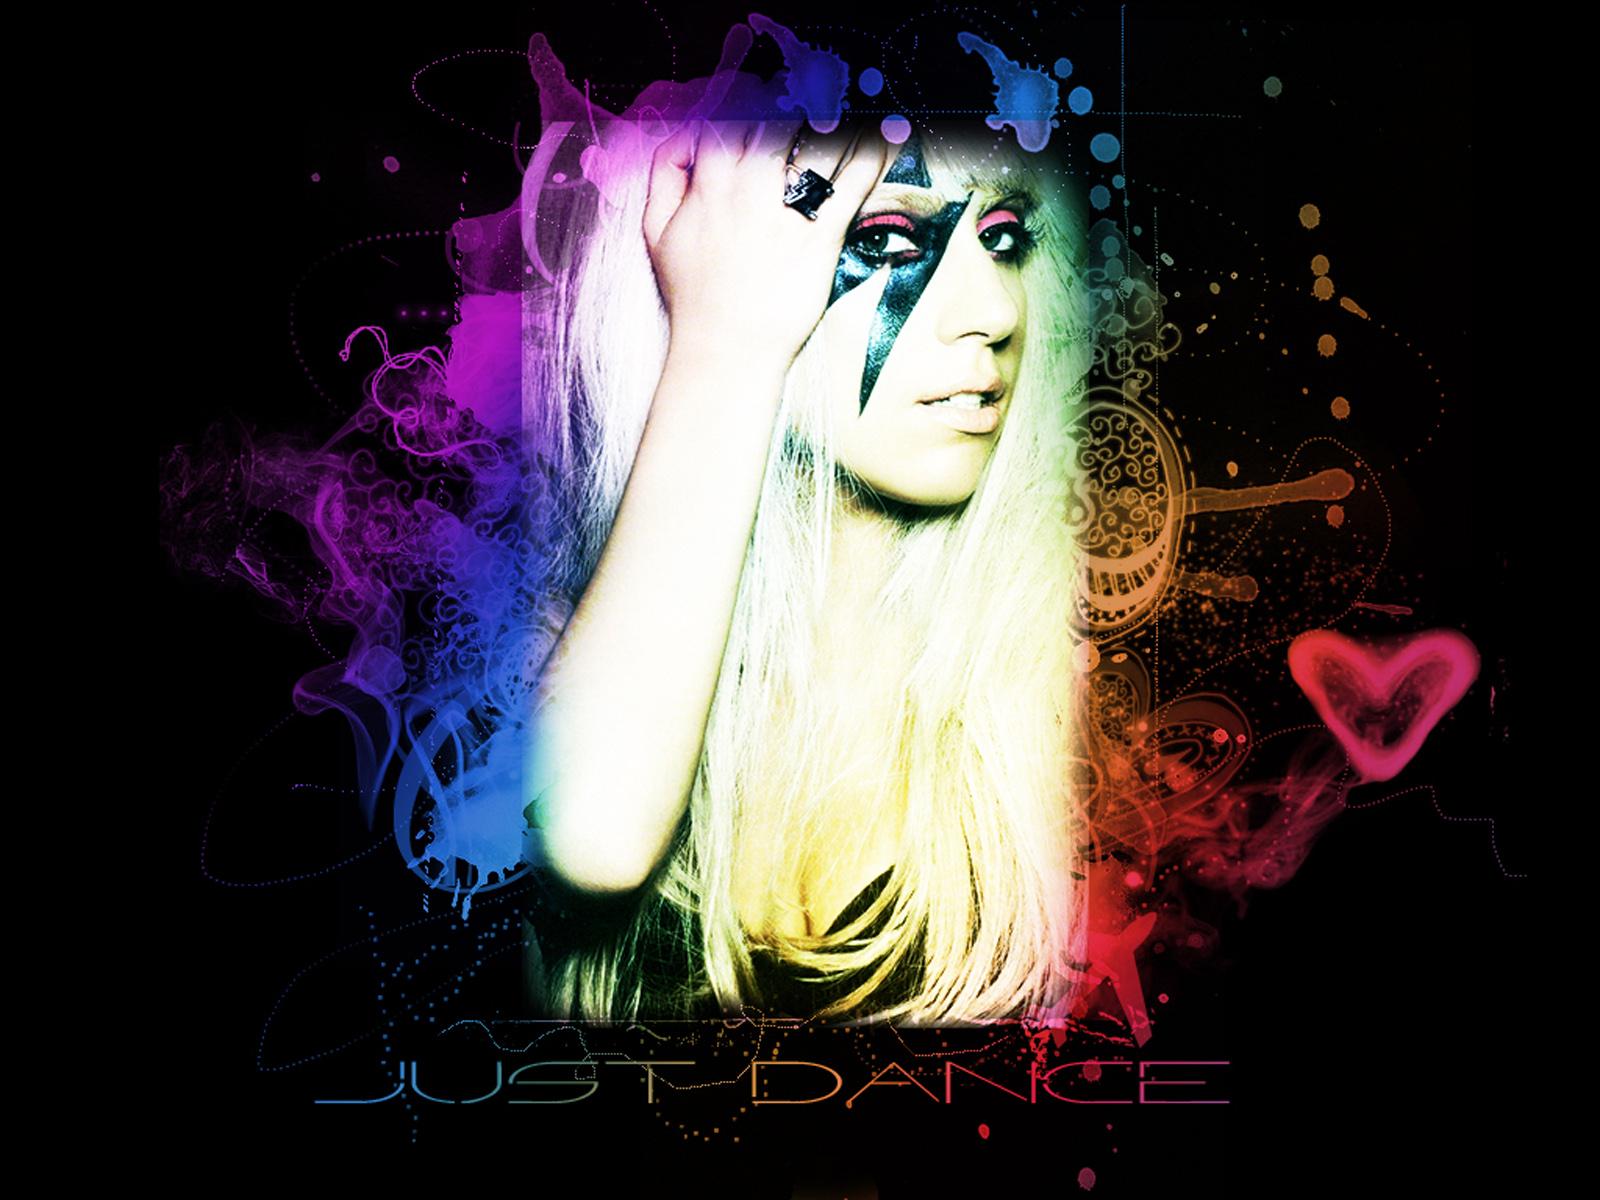 http://4.bp.blogspot.com/-Z3rOsonhSBA/UHu8ZkWCnNI/AAAAAAAAACU/gS4IVaHPxmU/s1600/Lady+Gaga+%5BThewallpaperdb.blogspot.com%5D+(3).jpg